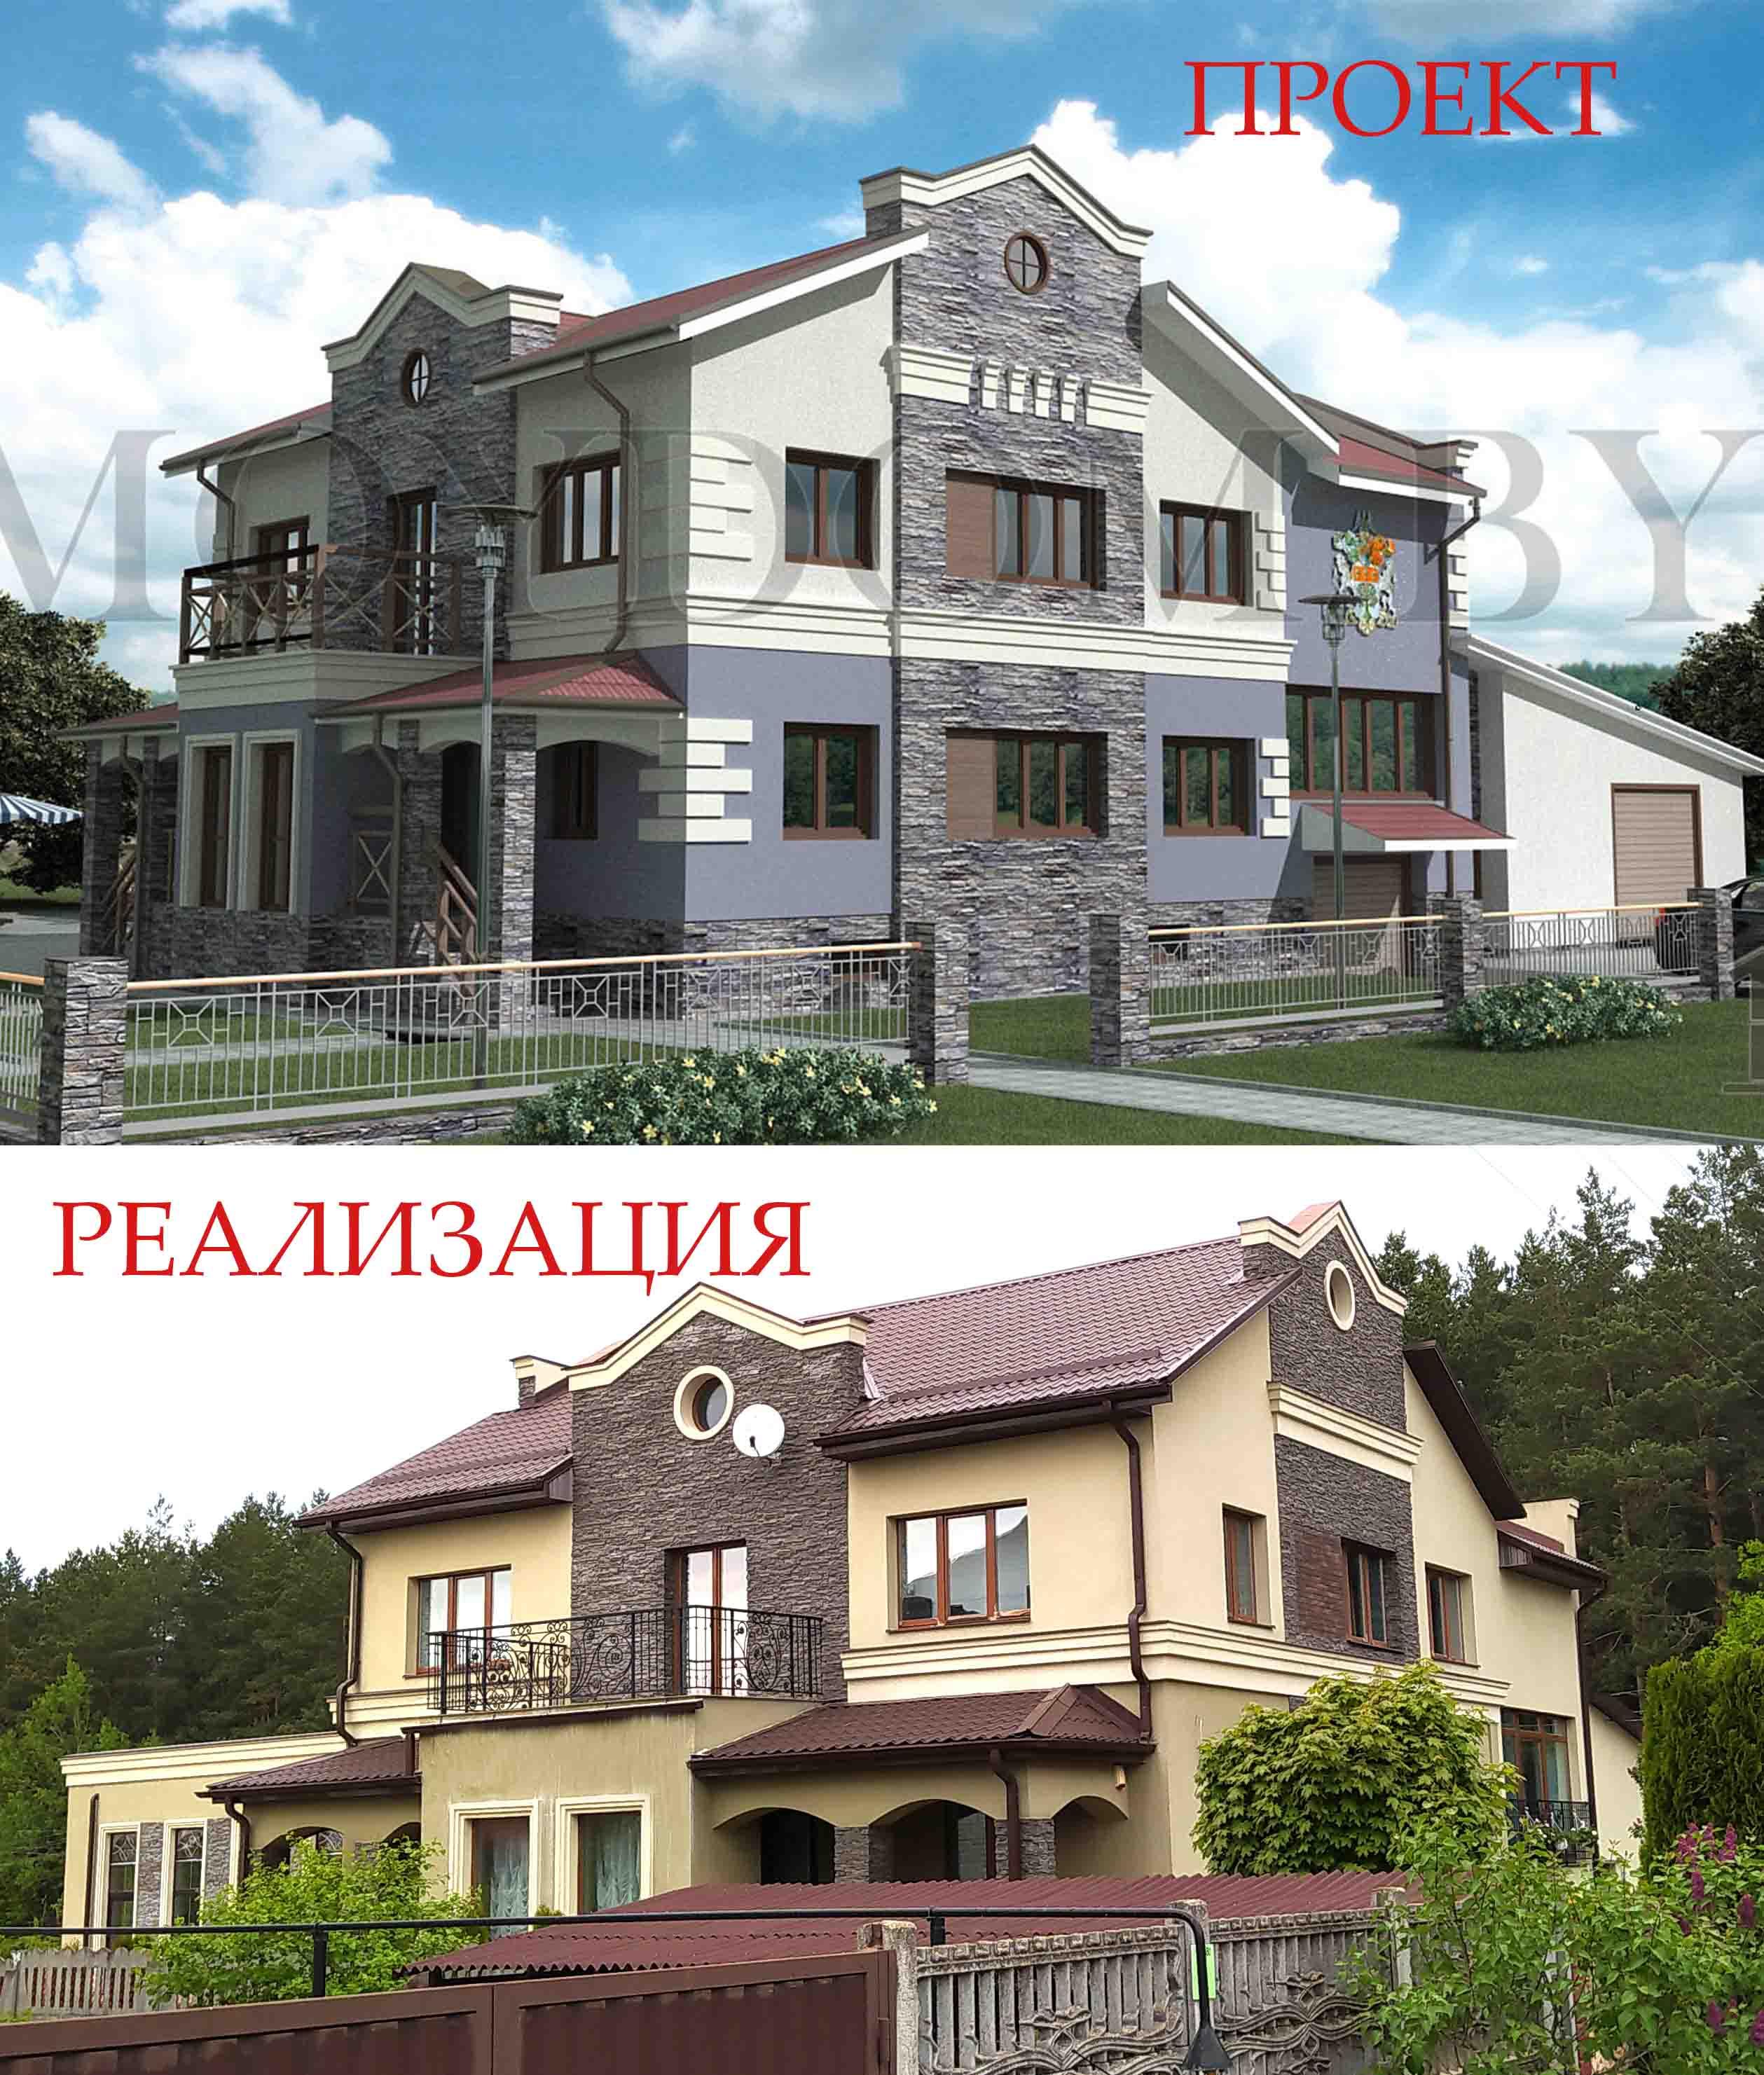 модернизация фасада